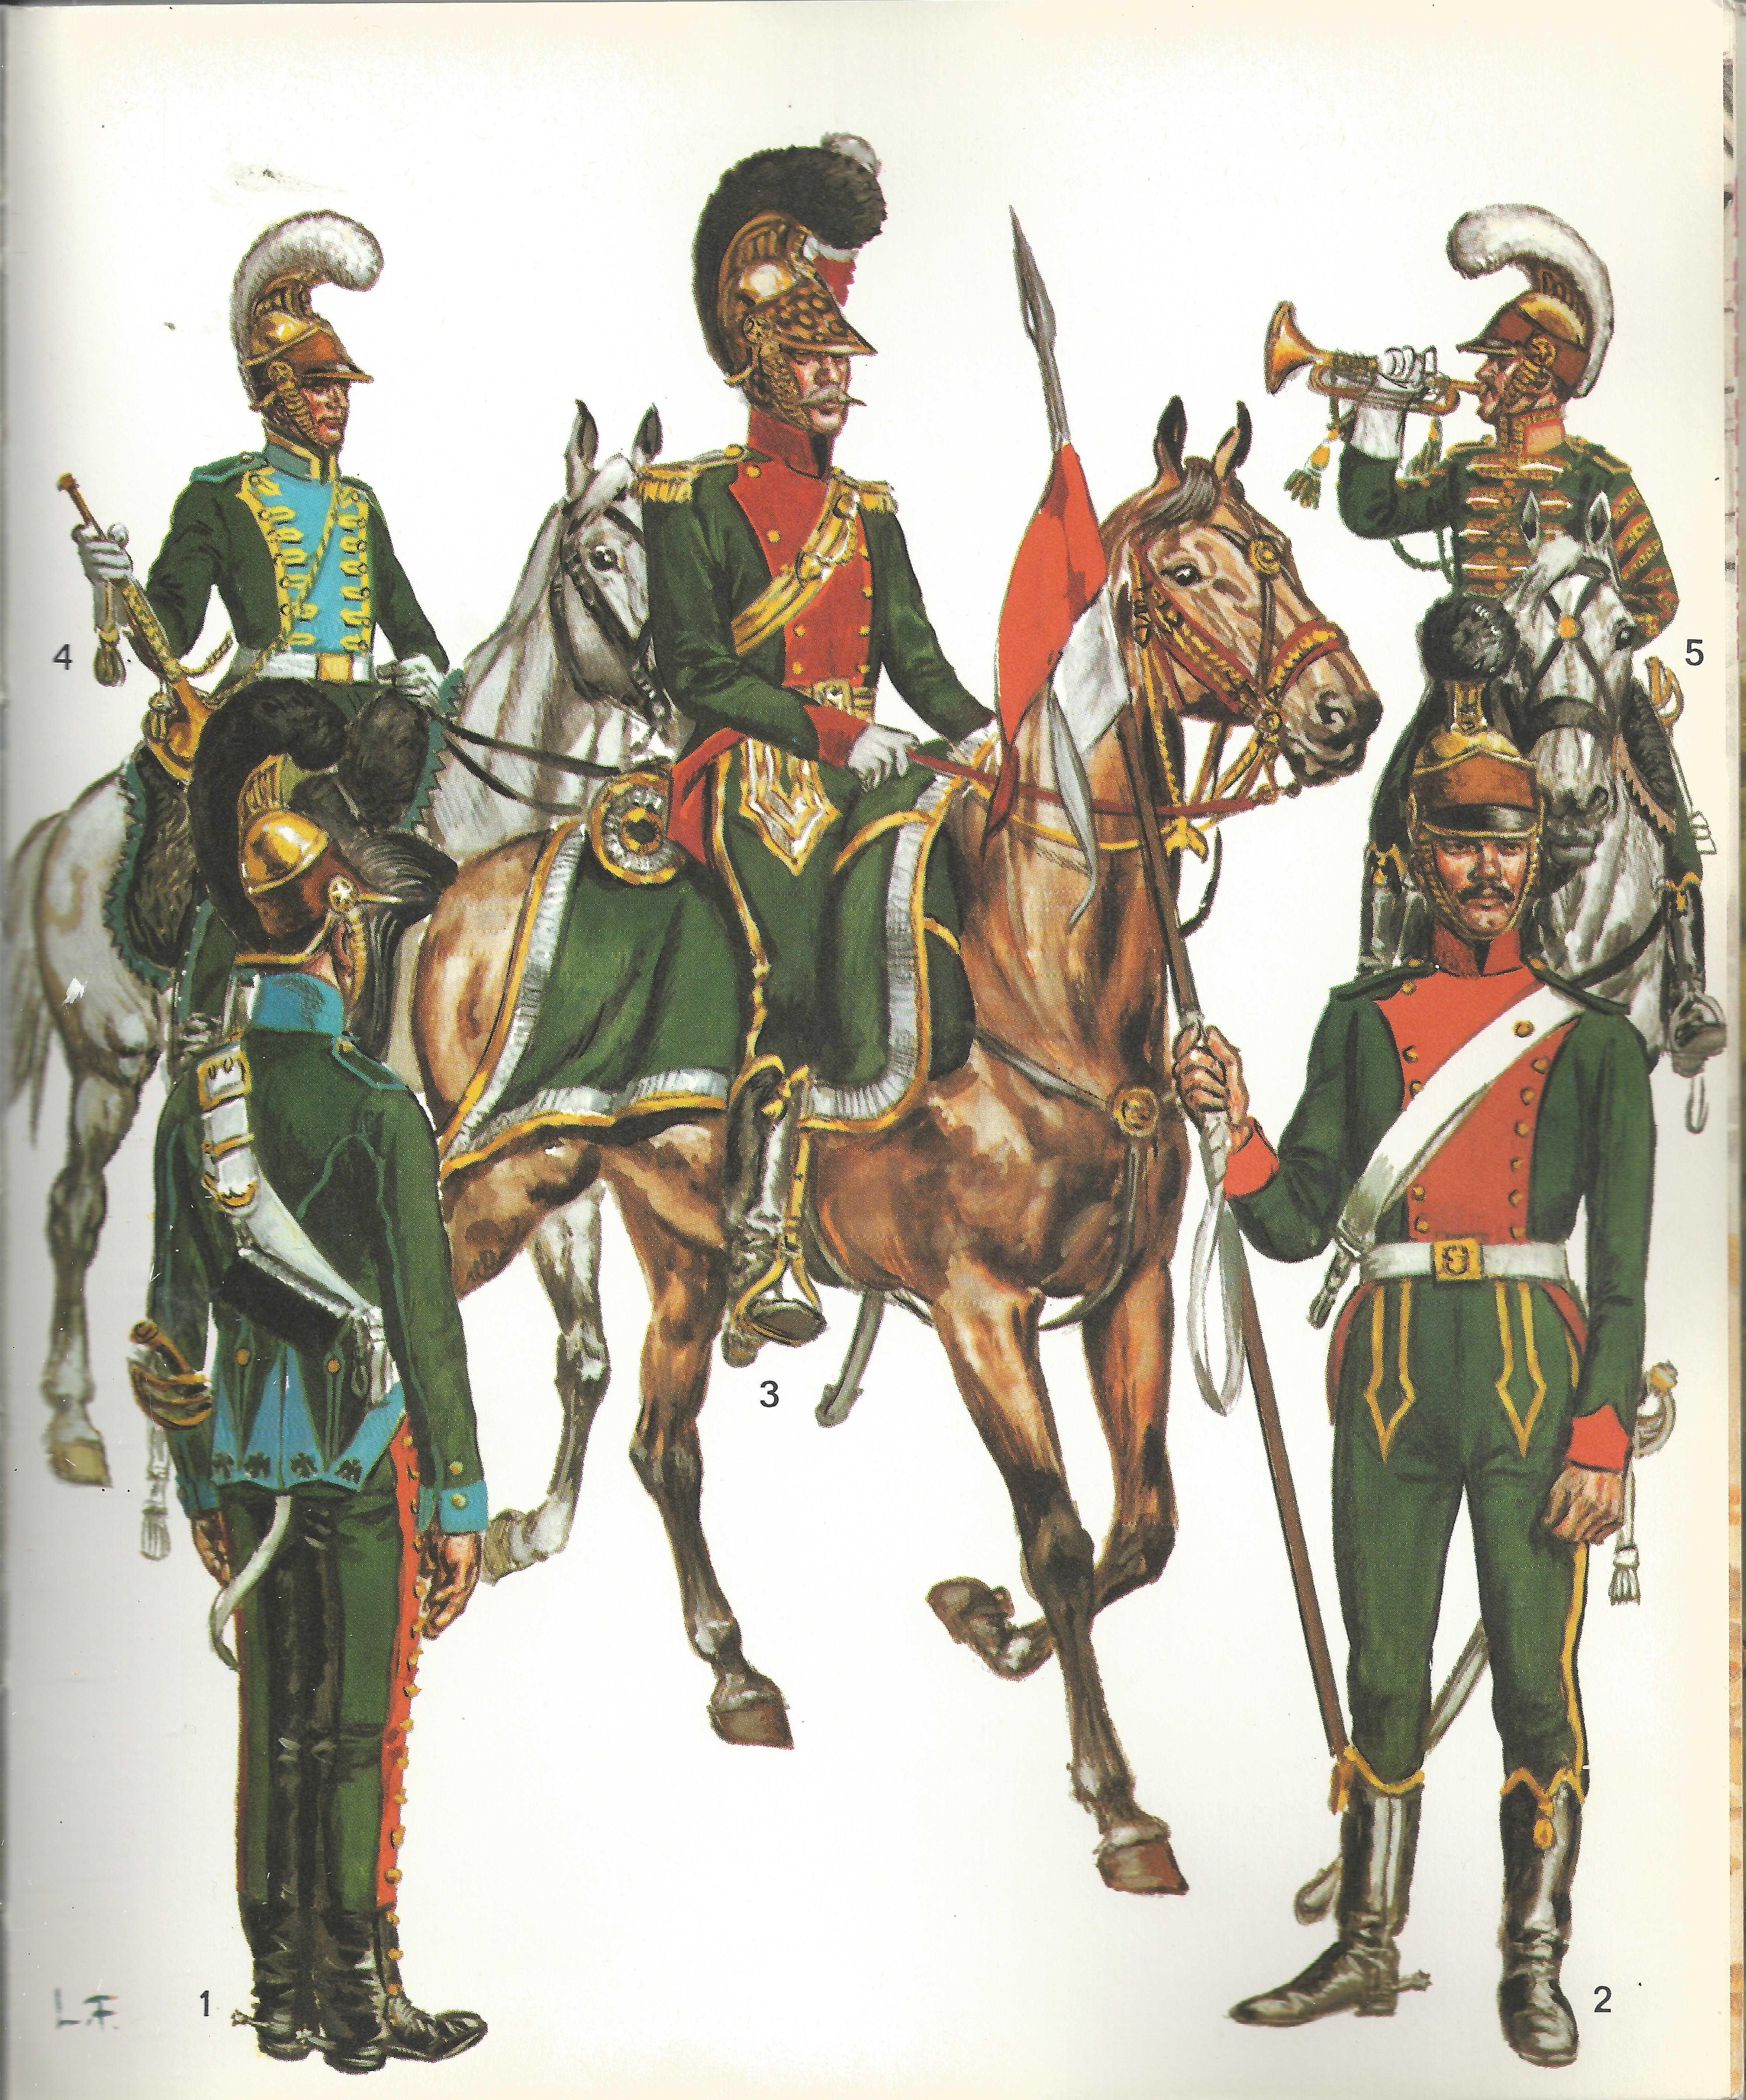 Dossier La Cavalerie Imperiale Cavalry Napoleonic Wars Historical Period